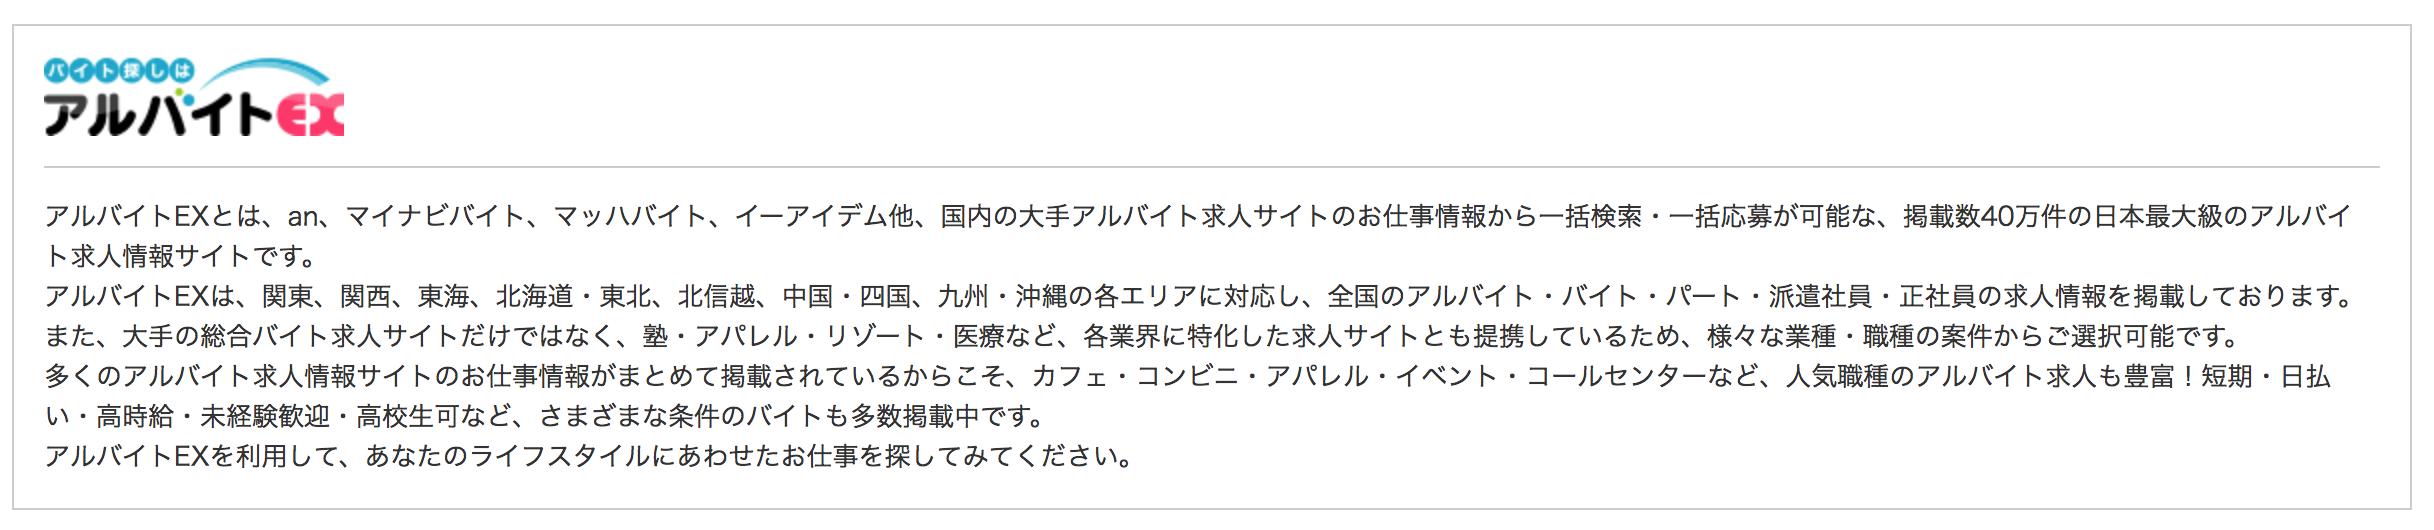 アルバイトEX評判・ナナメドリ